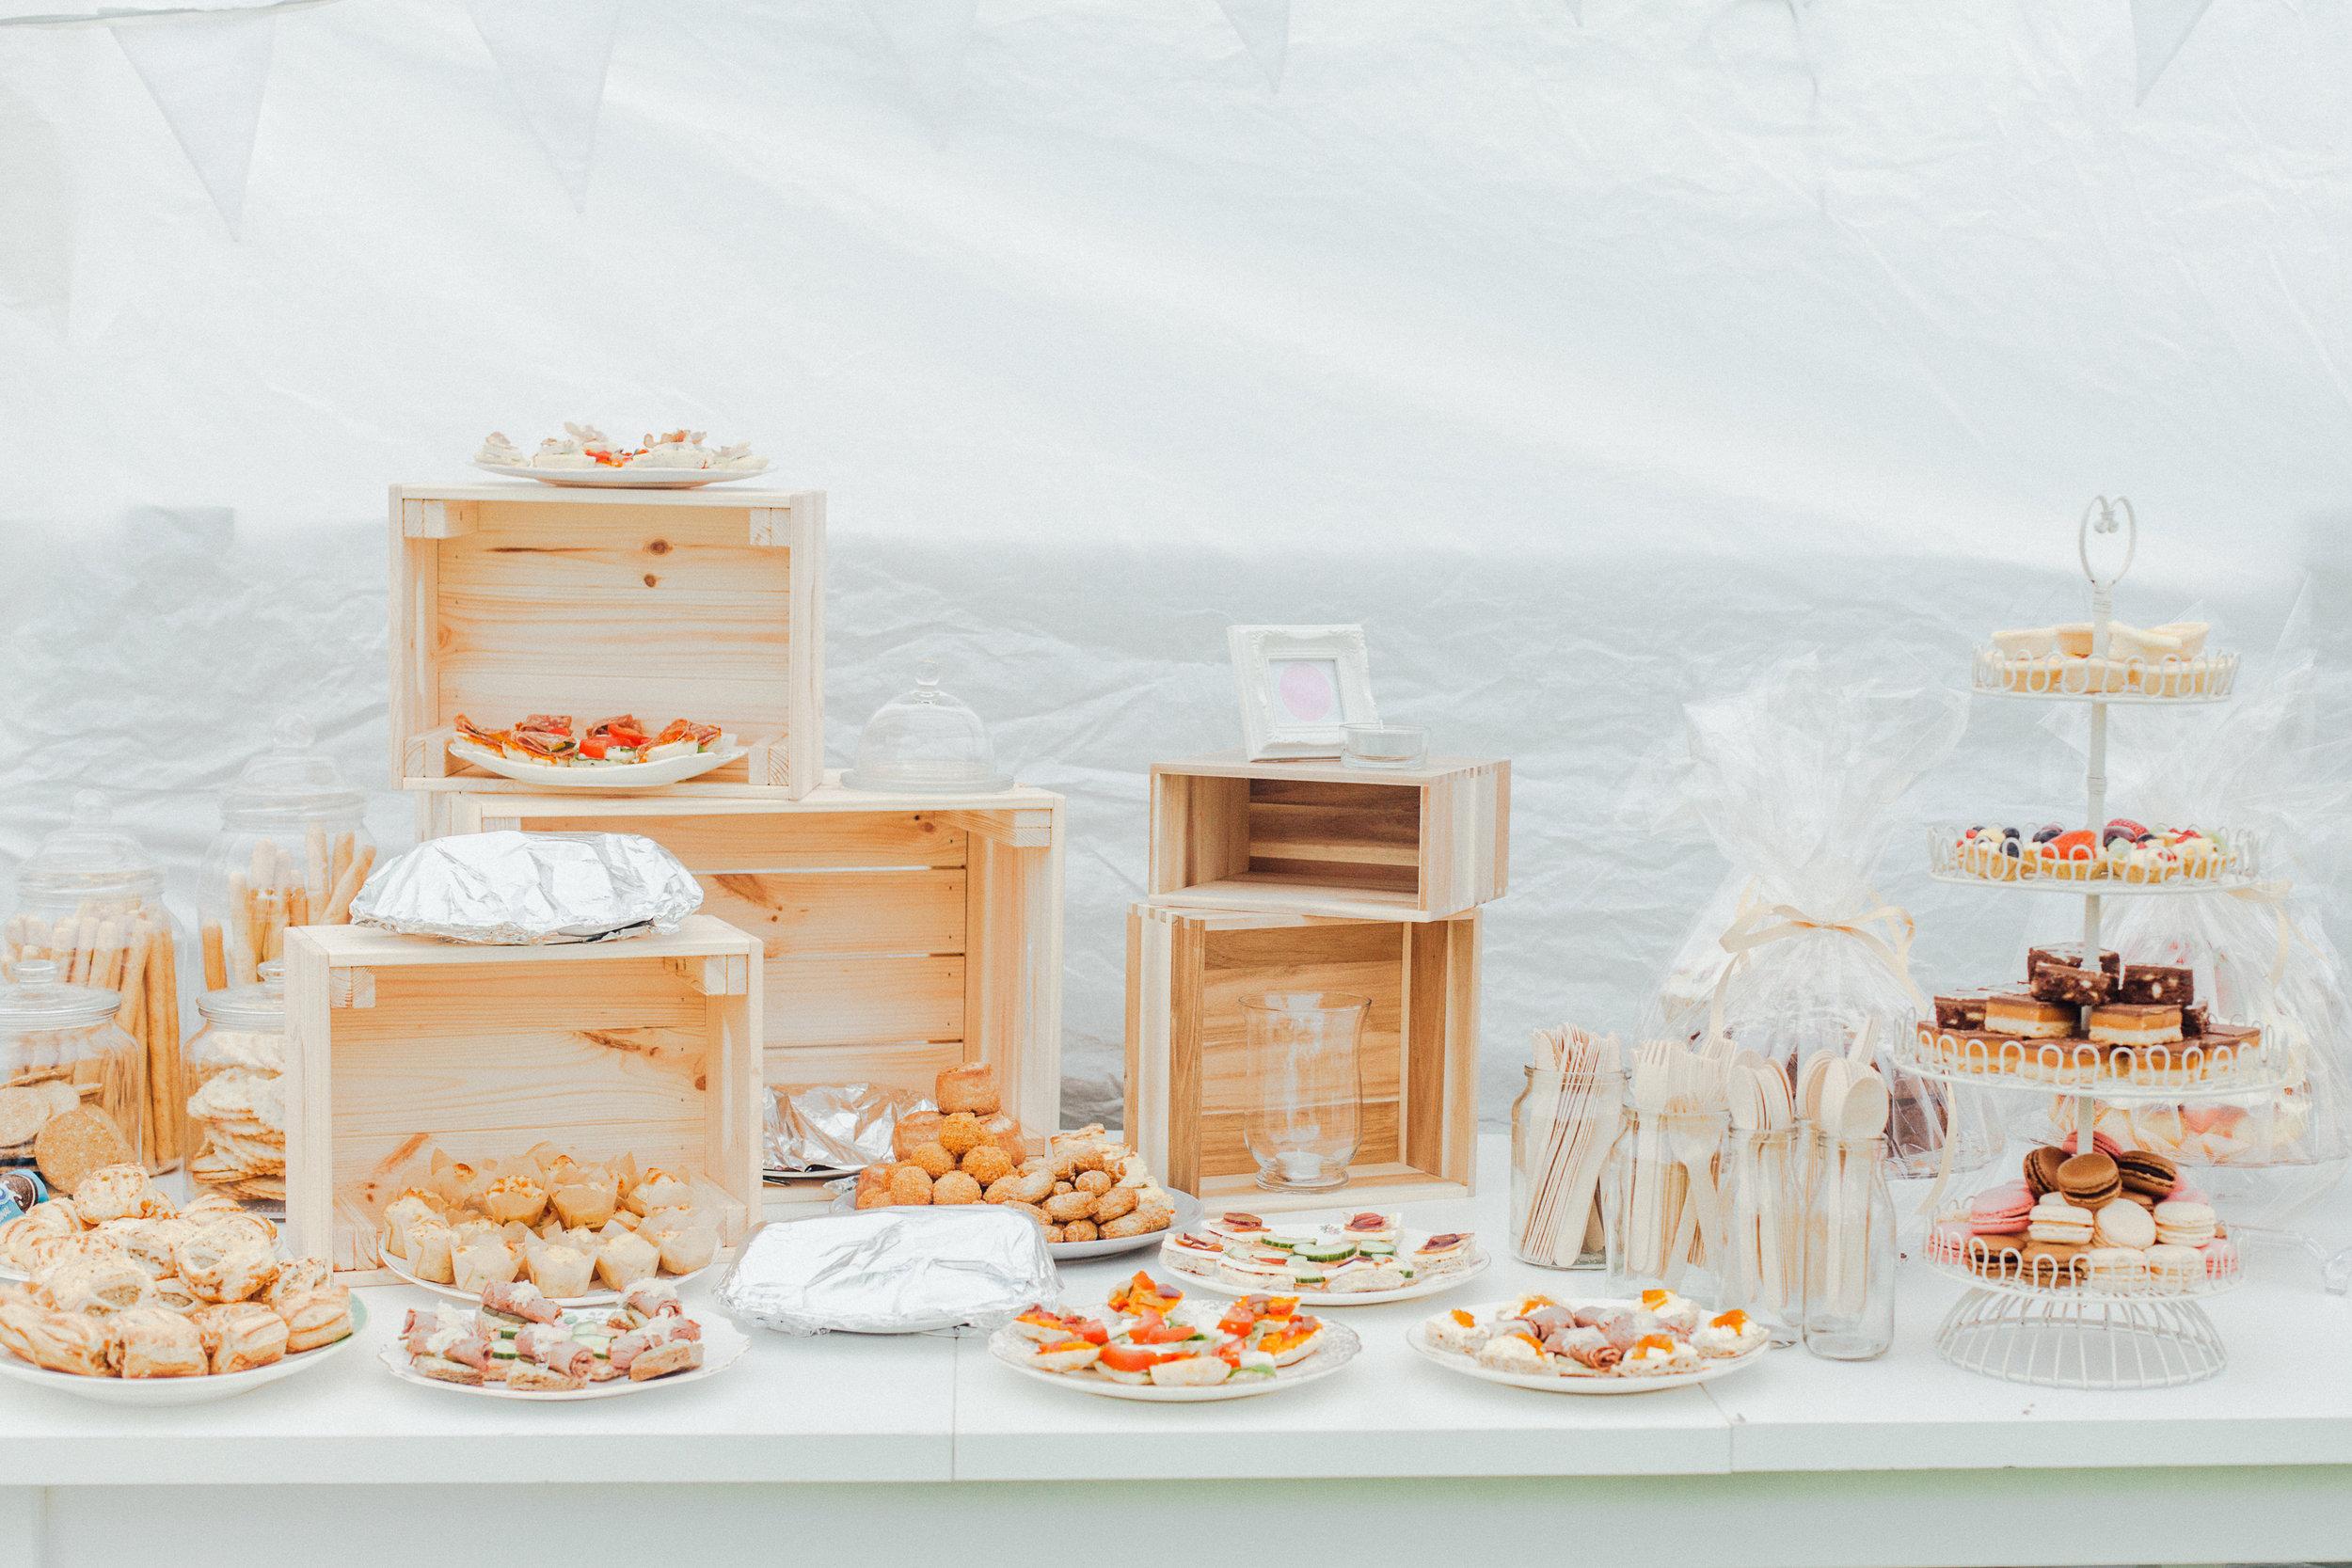 Alternative Wedding Food Ideas - Afternoon Tea